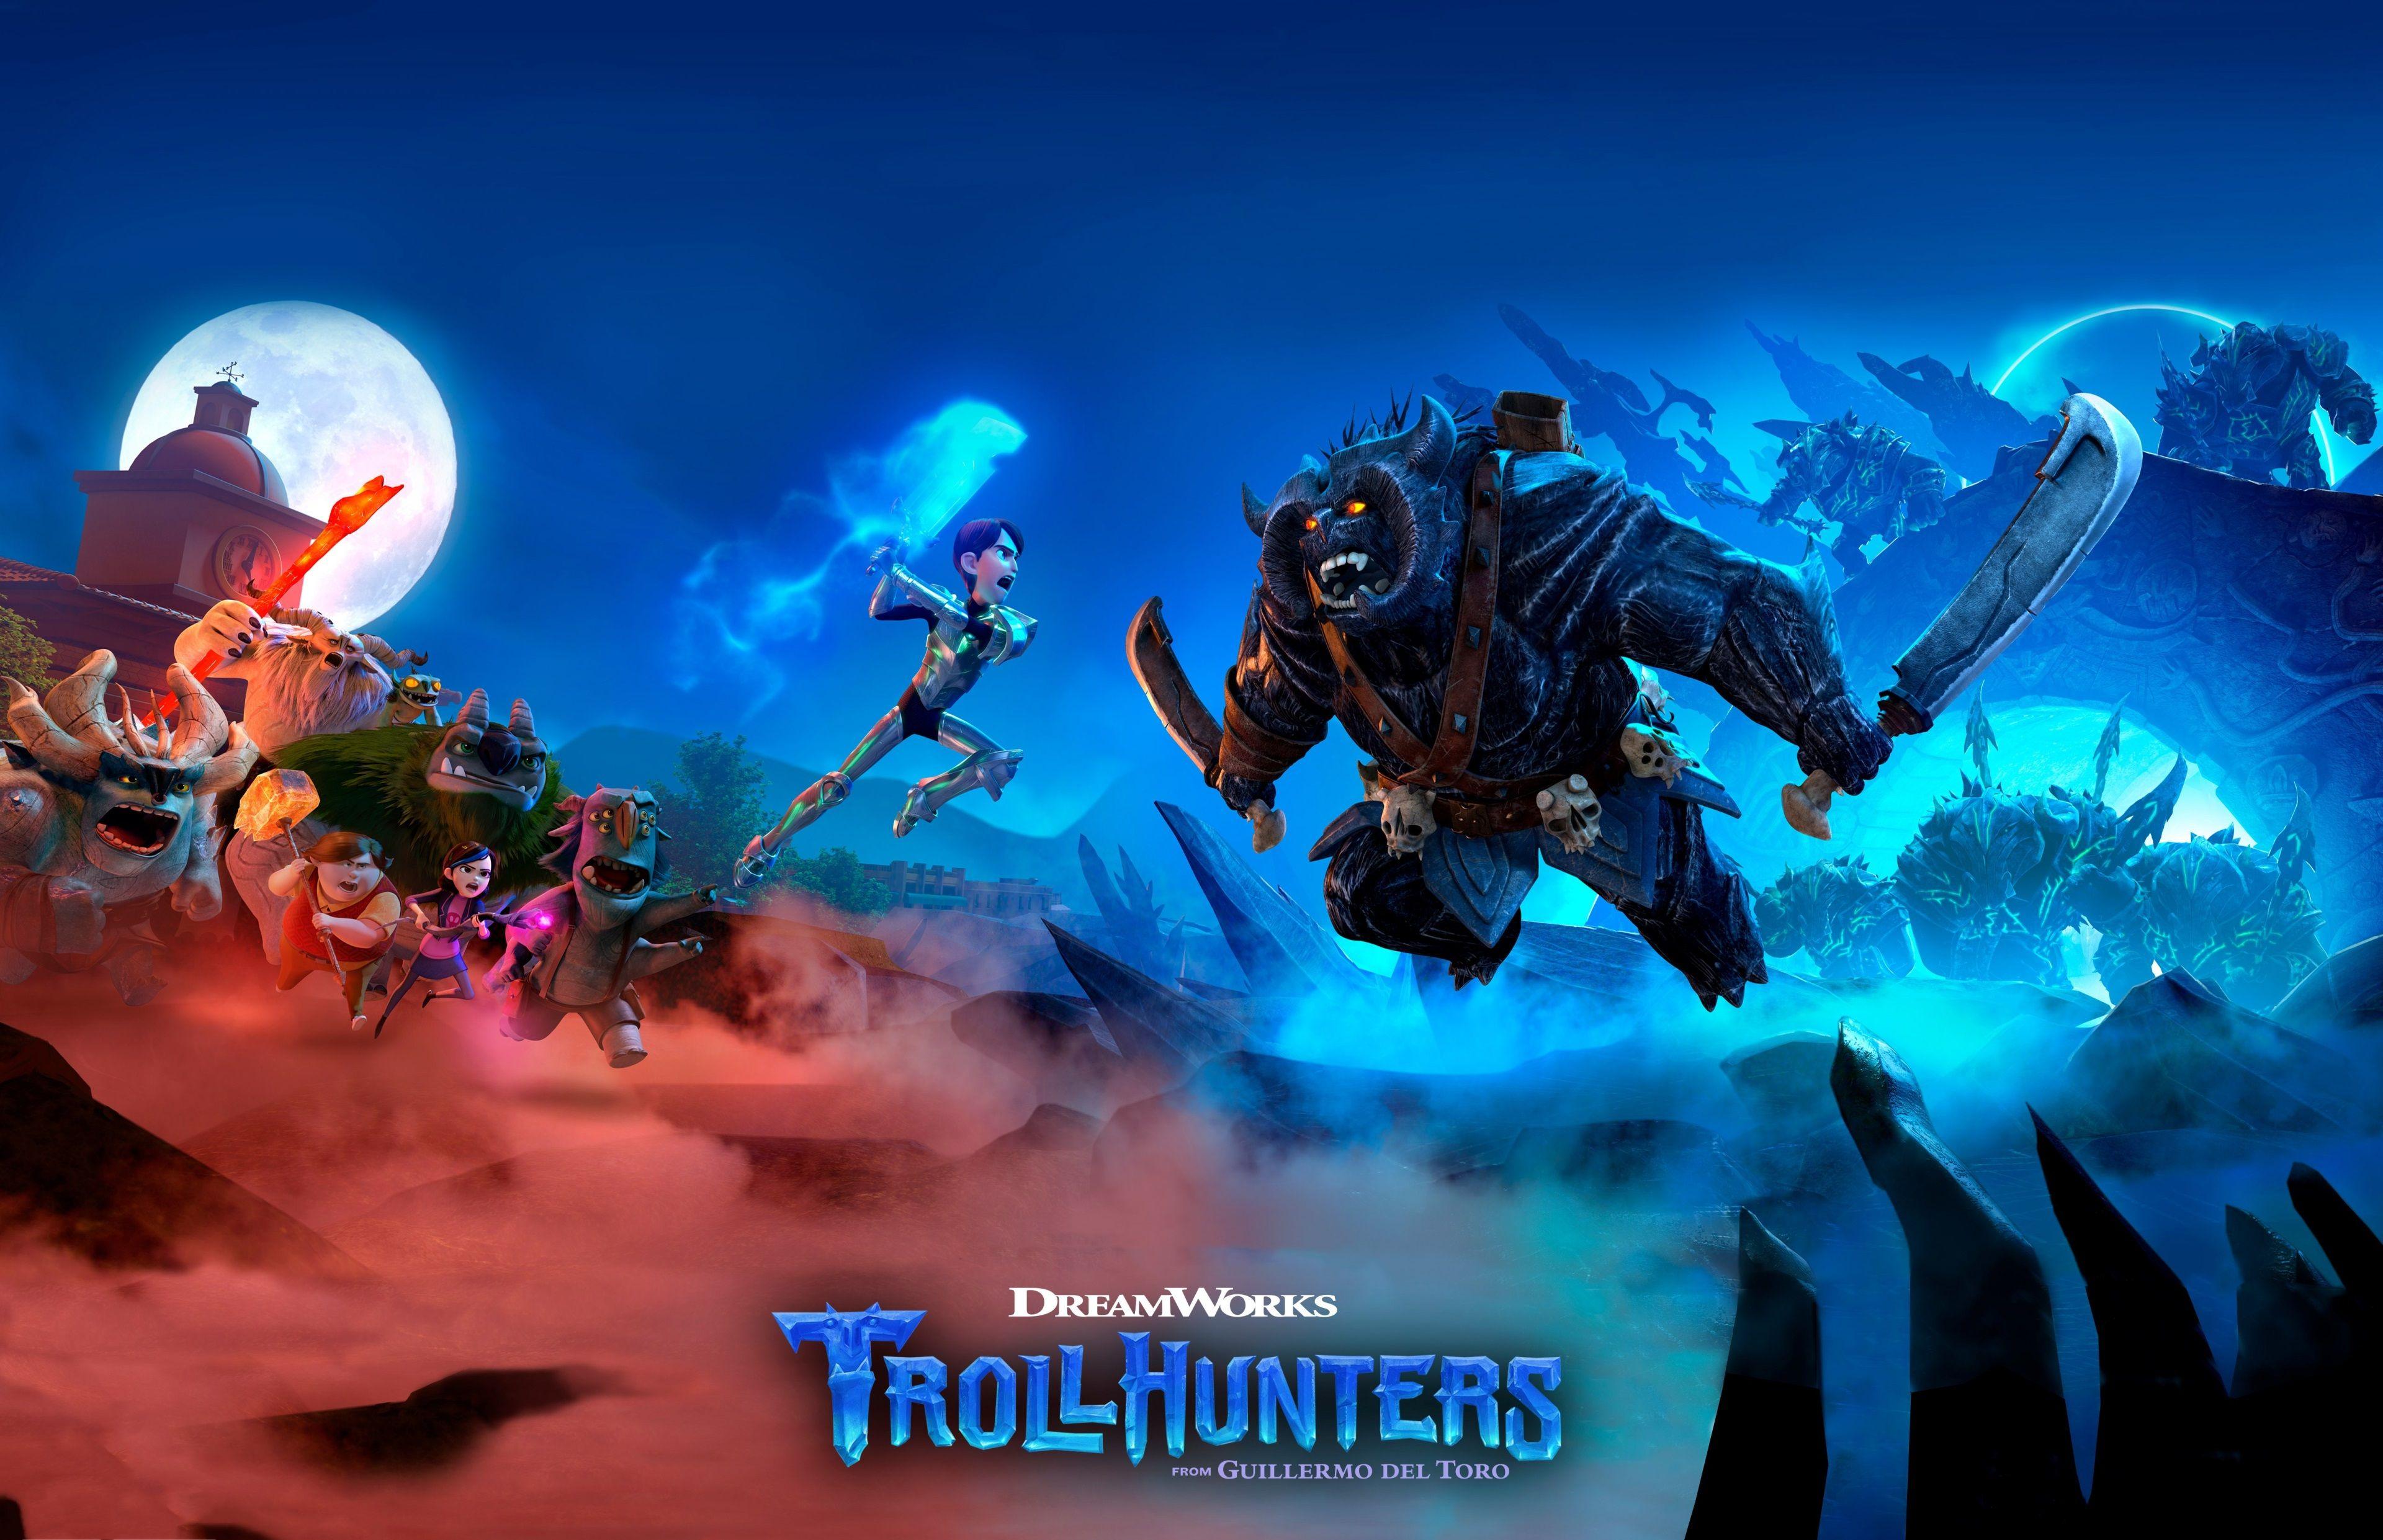 3840x2482 trollhunters 4k high resolution wallpaper widescreen 3840x2482